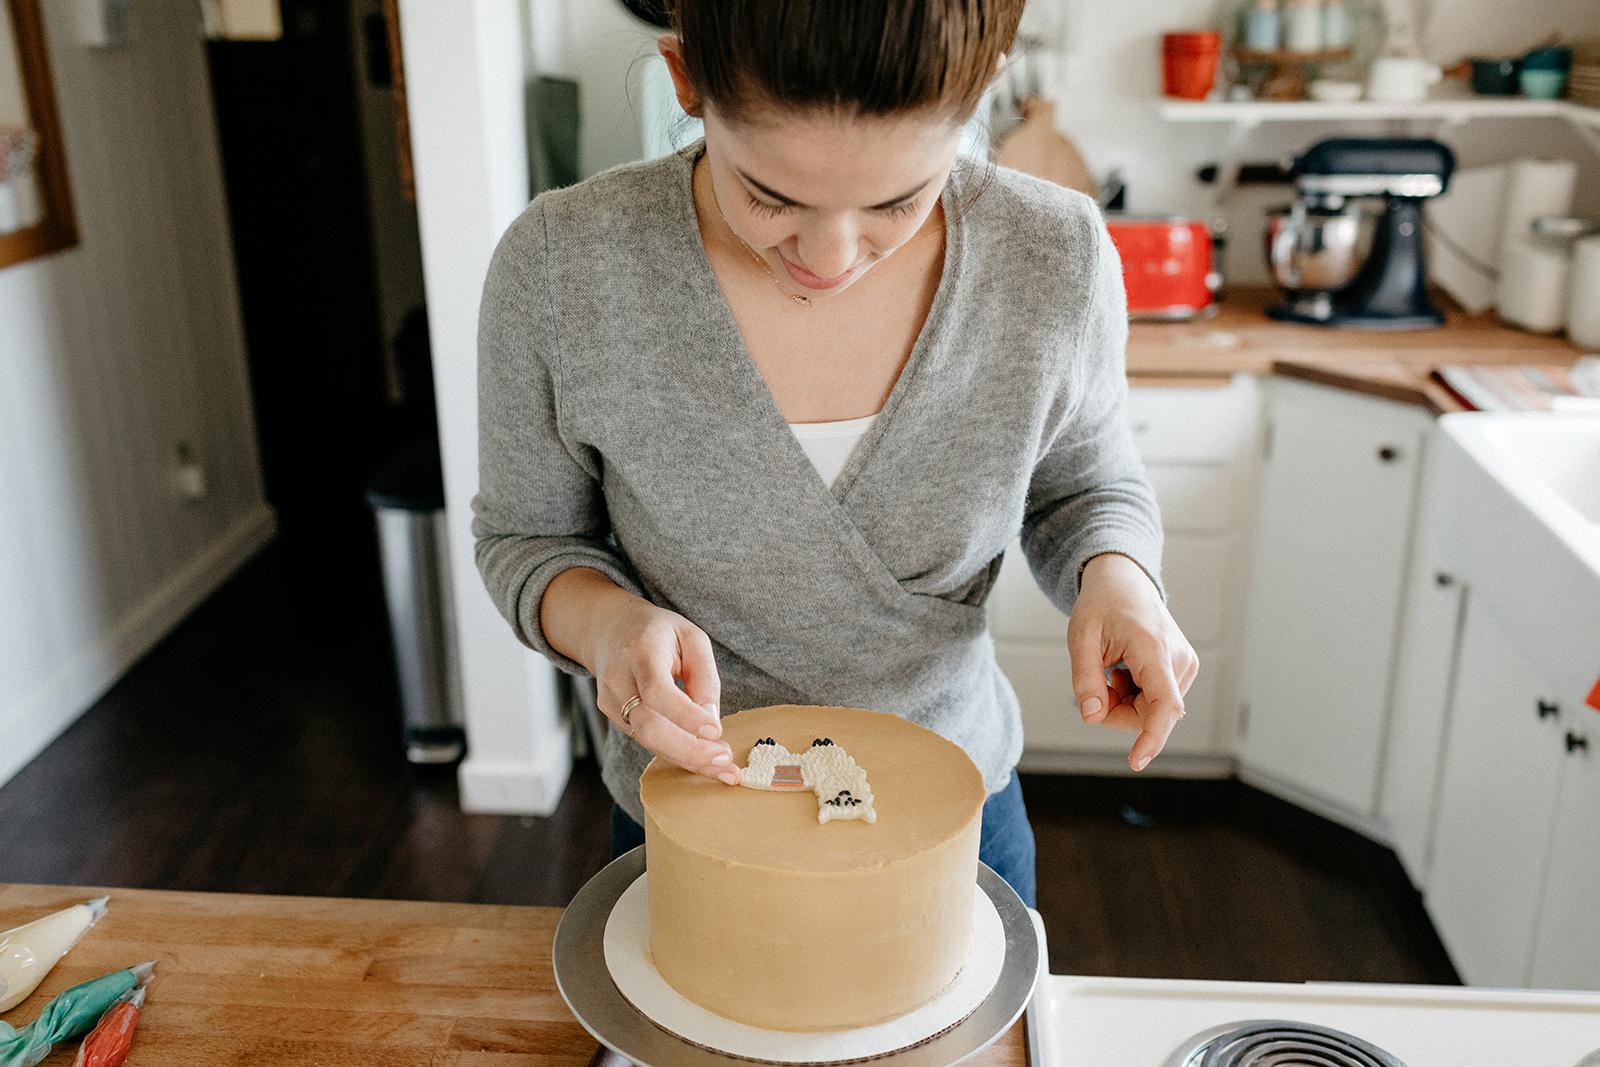 molly-yeh-rhubarb-birthday-cake-28.jpg